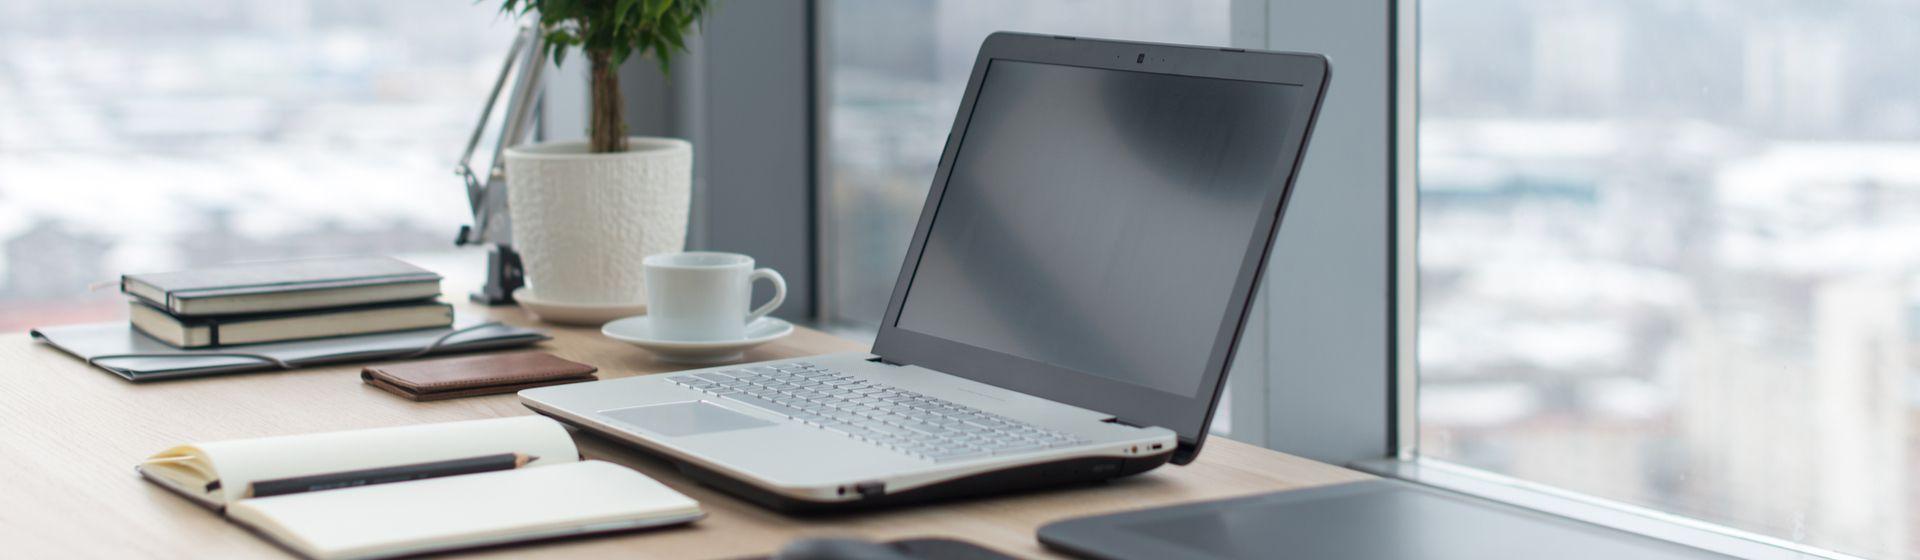 Como desinstalar programas em notebook ou PC com Windows?